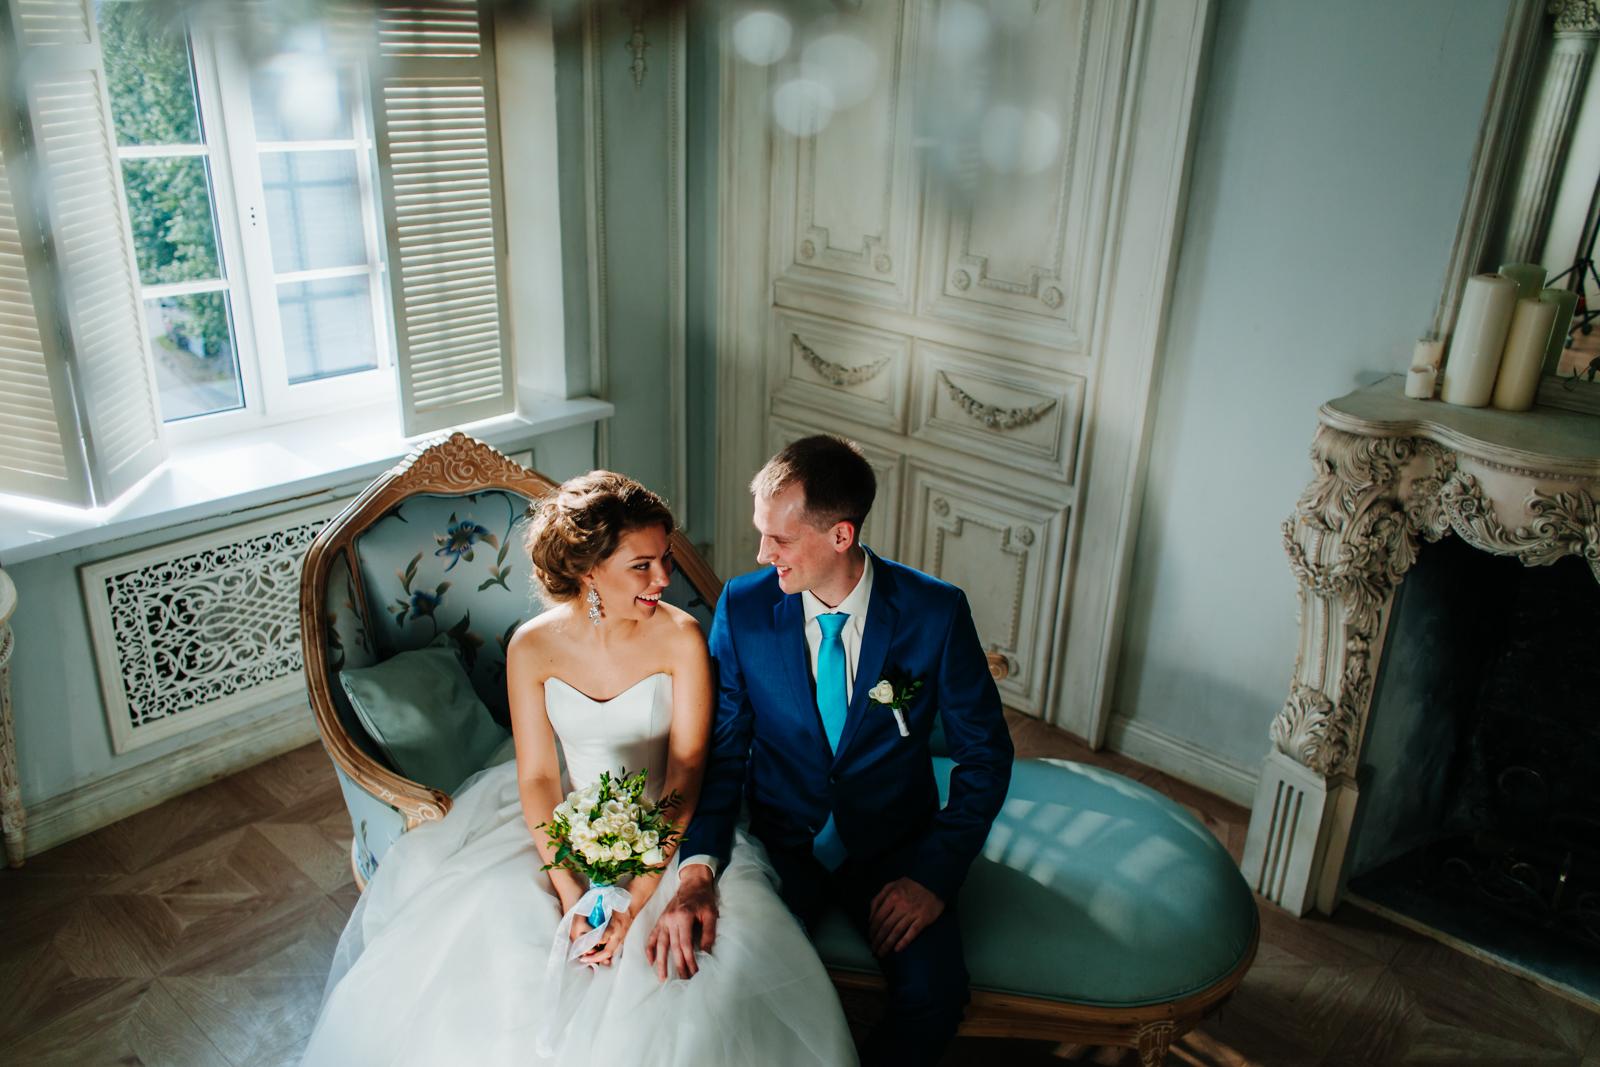 градиентной технике нанять фотографа на свадьбу в спб очень